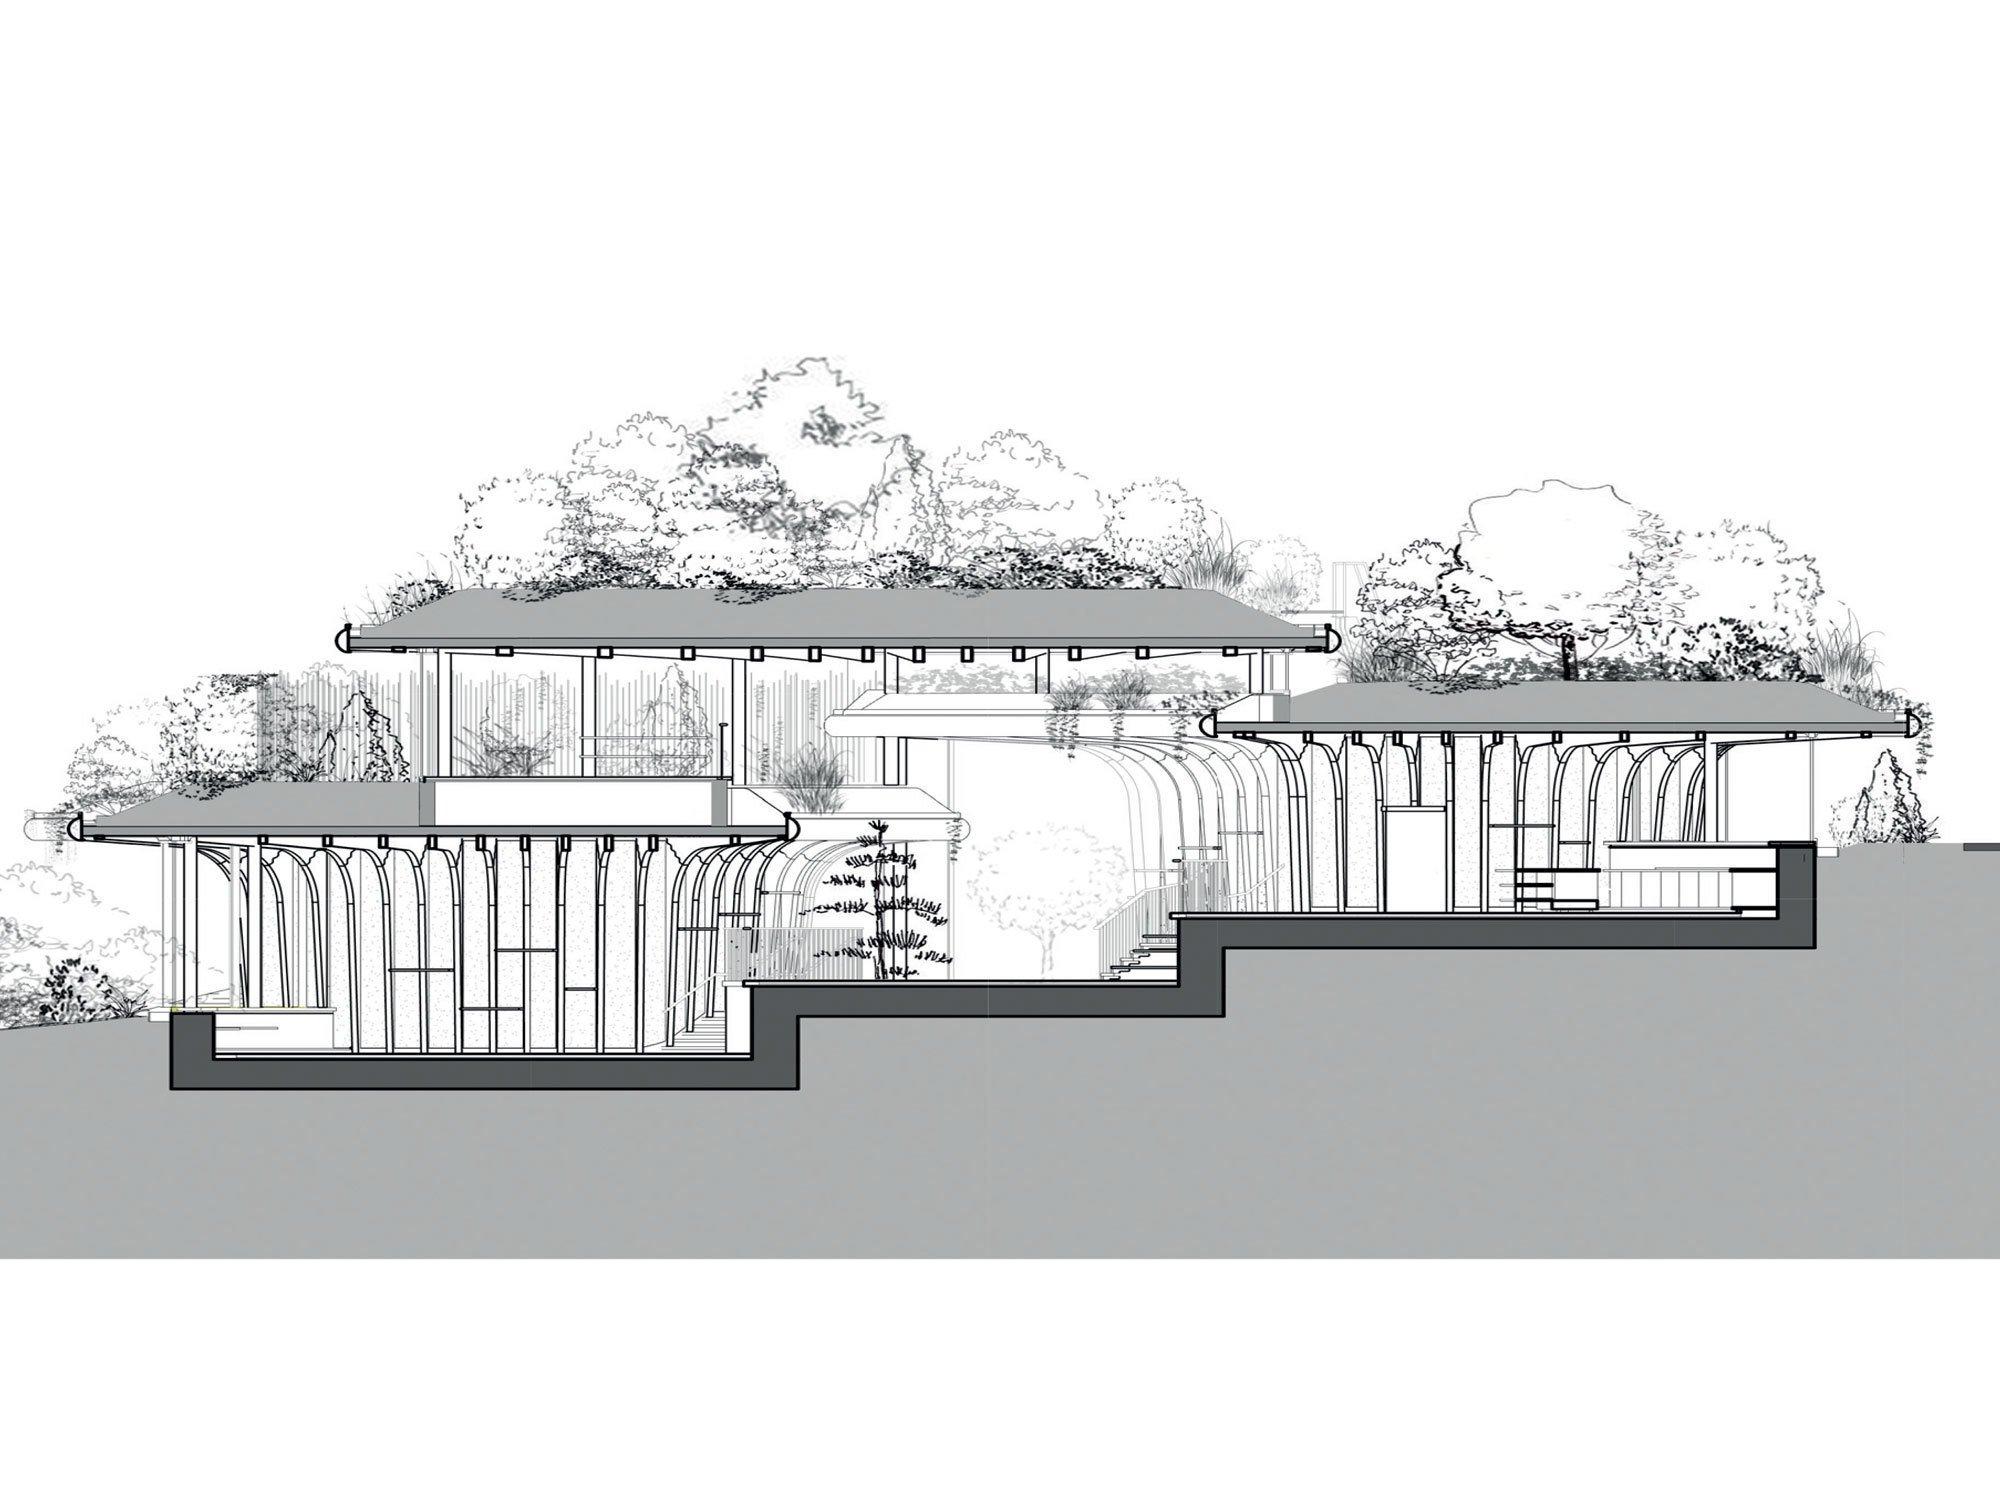 """""""Das Gefälle würde typischerweise dazu ermutigen, das Gebäude einzugraben. Stattdessen haben wir entschieden, den ansteigenden Konturen des Baugrundes zu folgen"""", erklärt Thomas Heatherwick."""